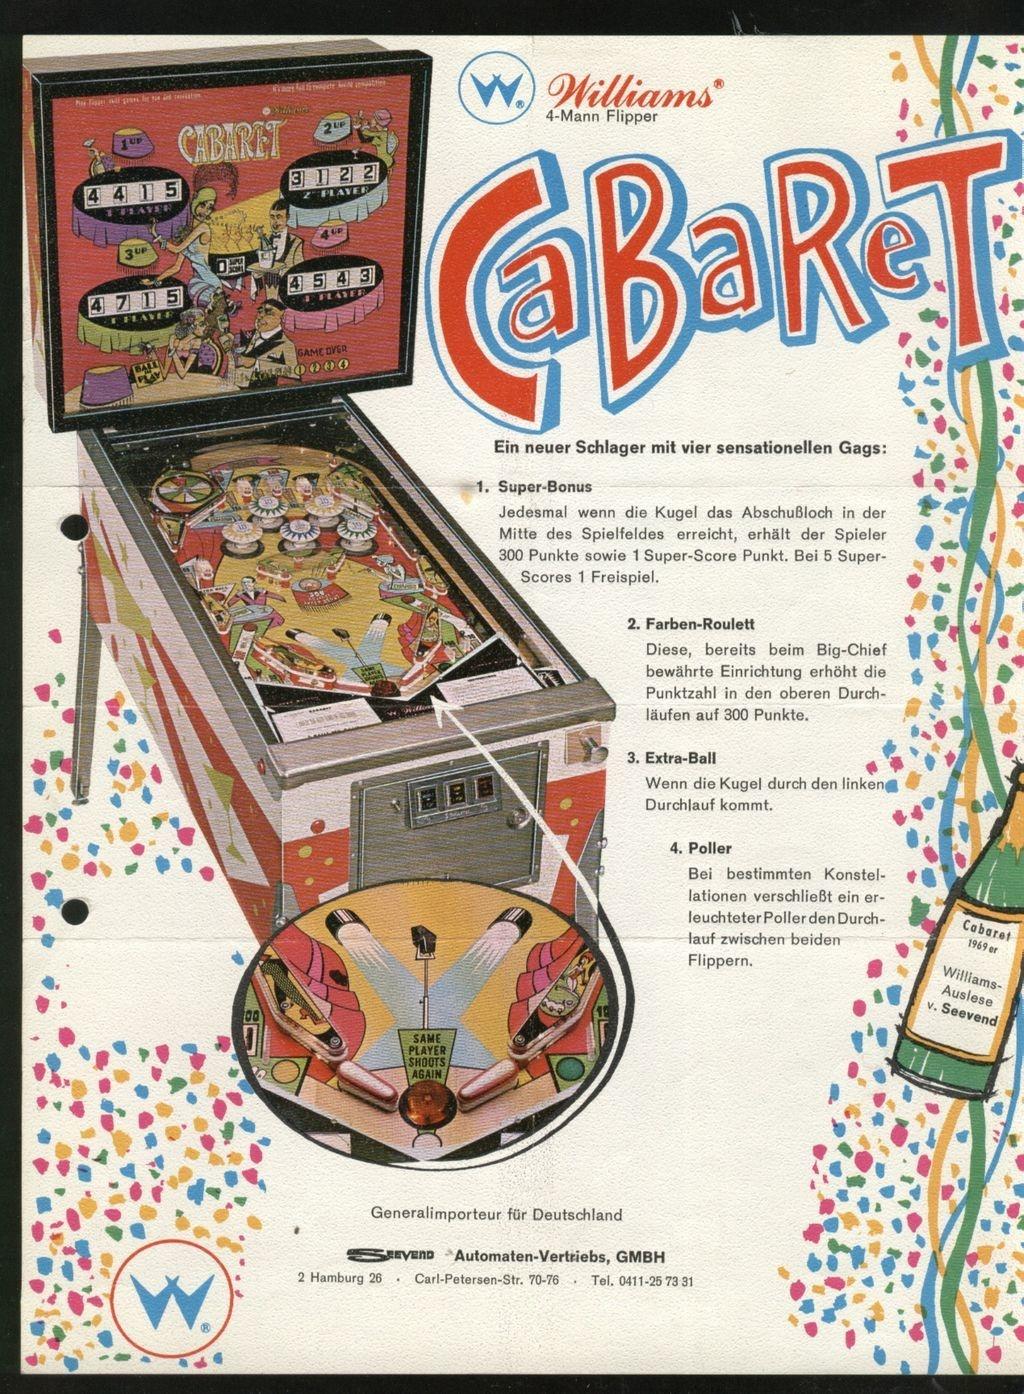 Cabaret Pinball Machine (Williams, 1968)   Pinside Game Archive